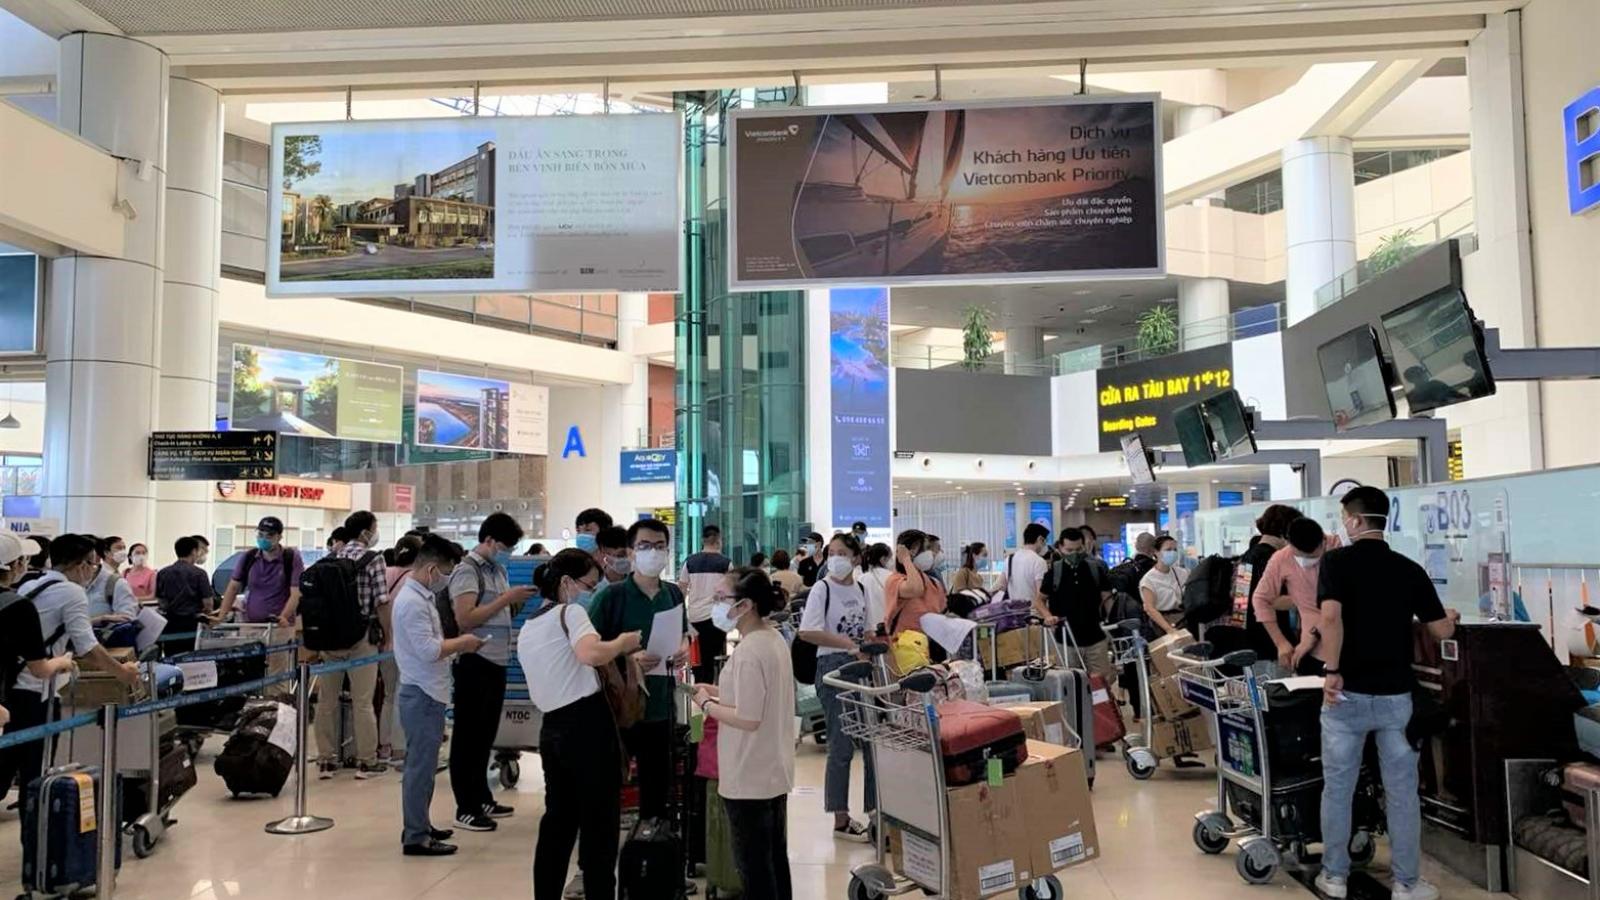 Chuyến bay tốc hànhđưa gần 200 y bác sỹ Bệnh viện Bạch Mai vào TP.HCM chống dịch